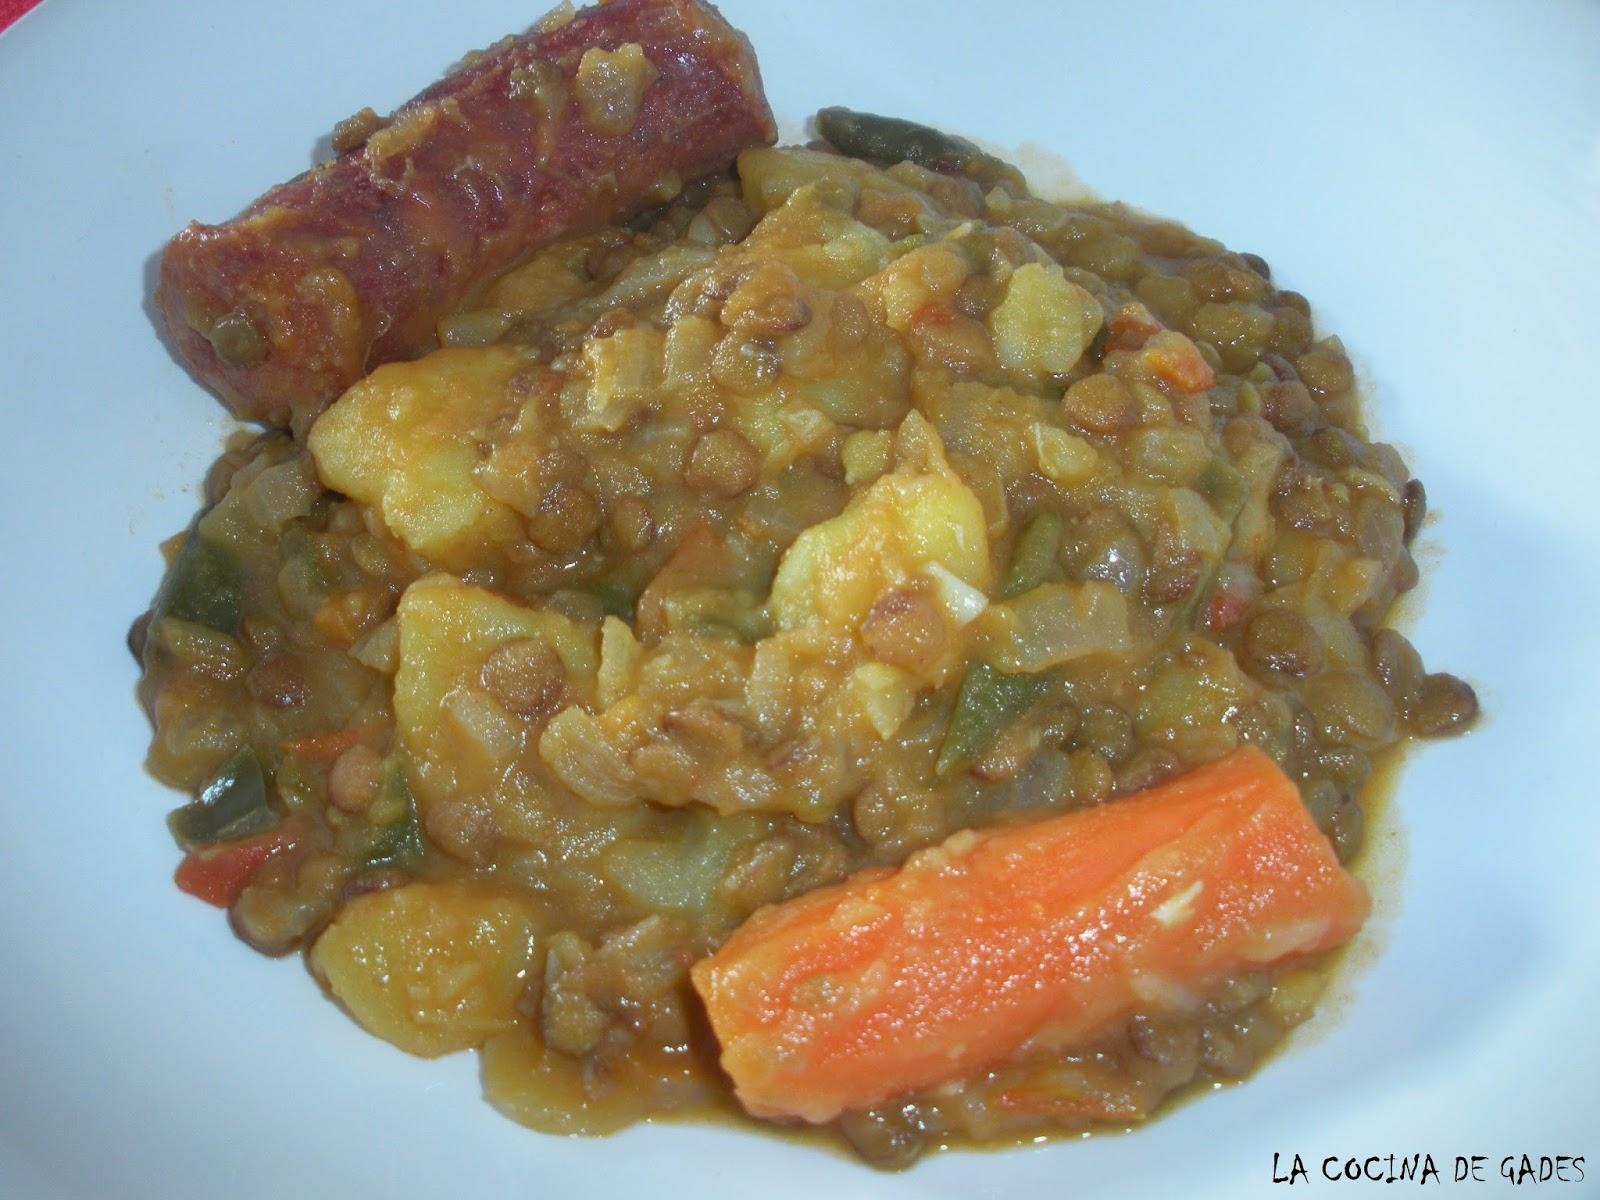 La cocina de gades lentejas con patatas - Lentejas con costillas y patatas ...